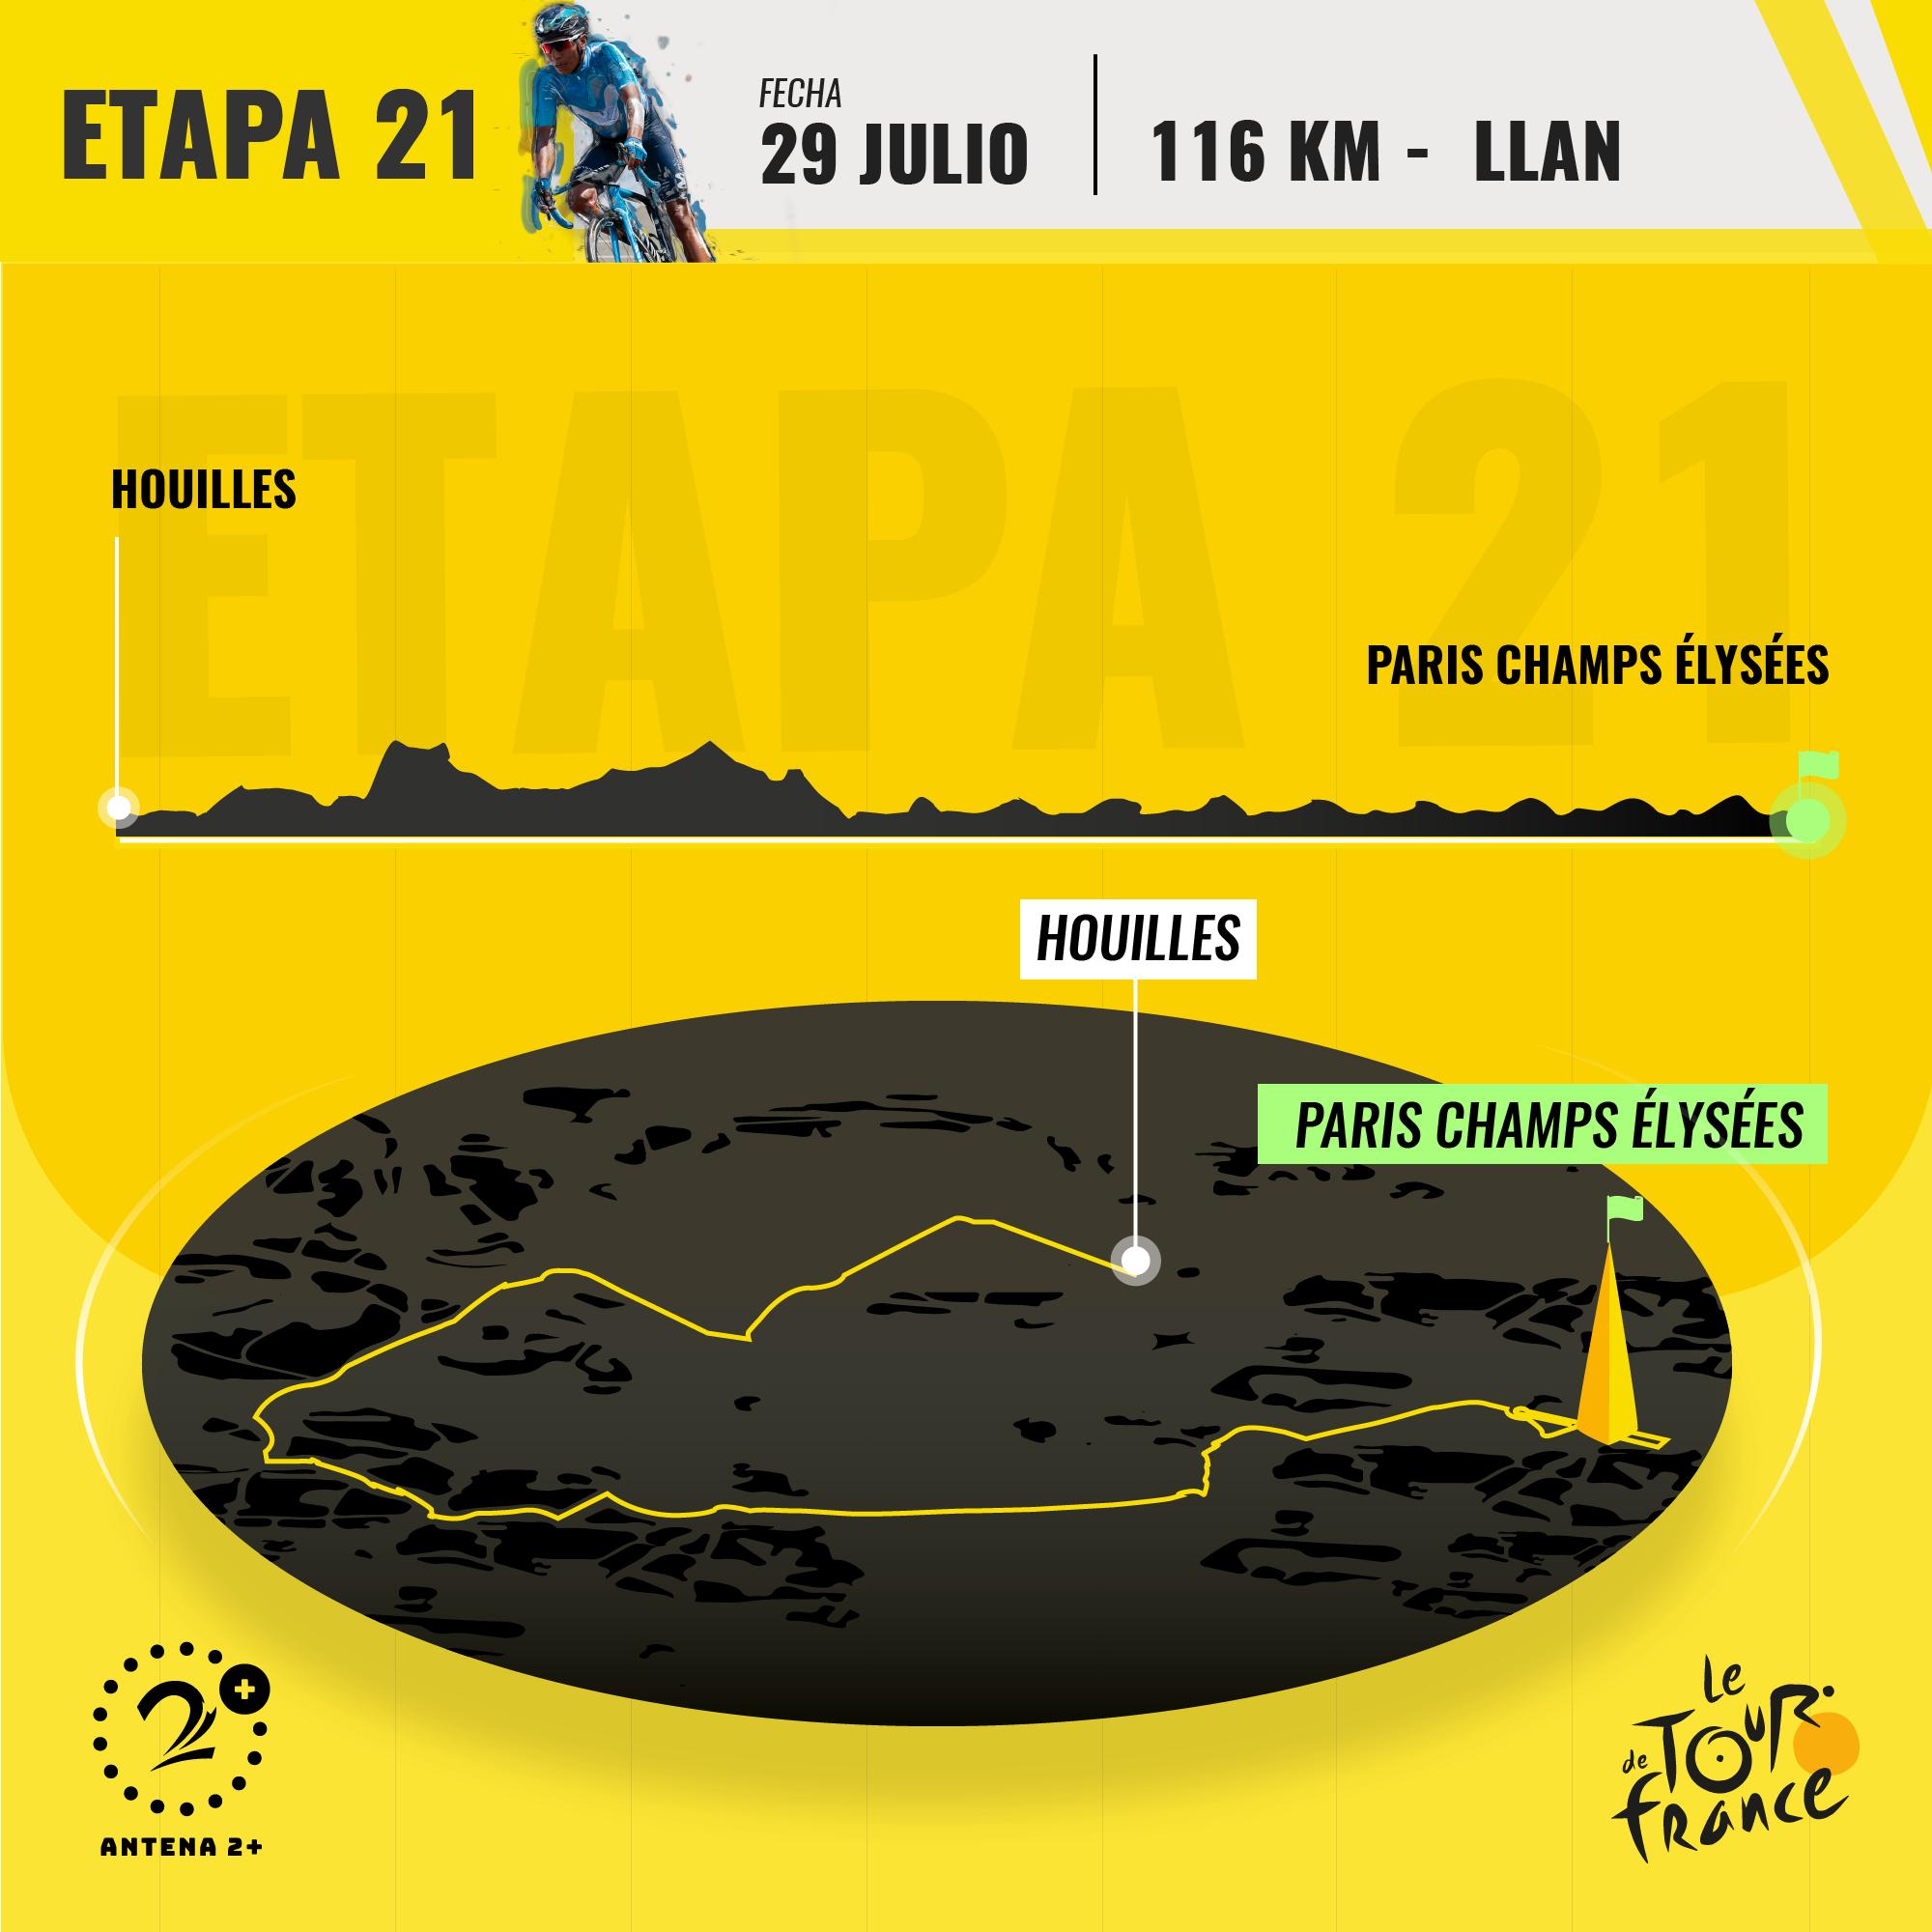 Etapa 21 del Tour de Francia